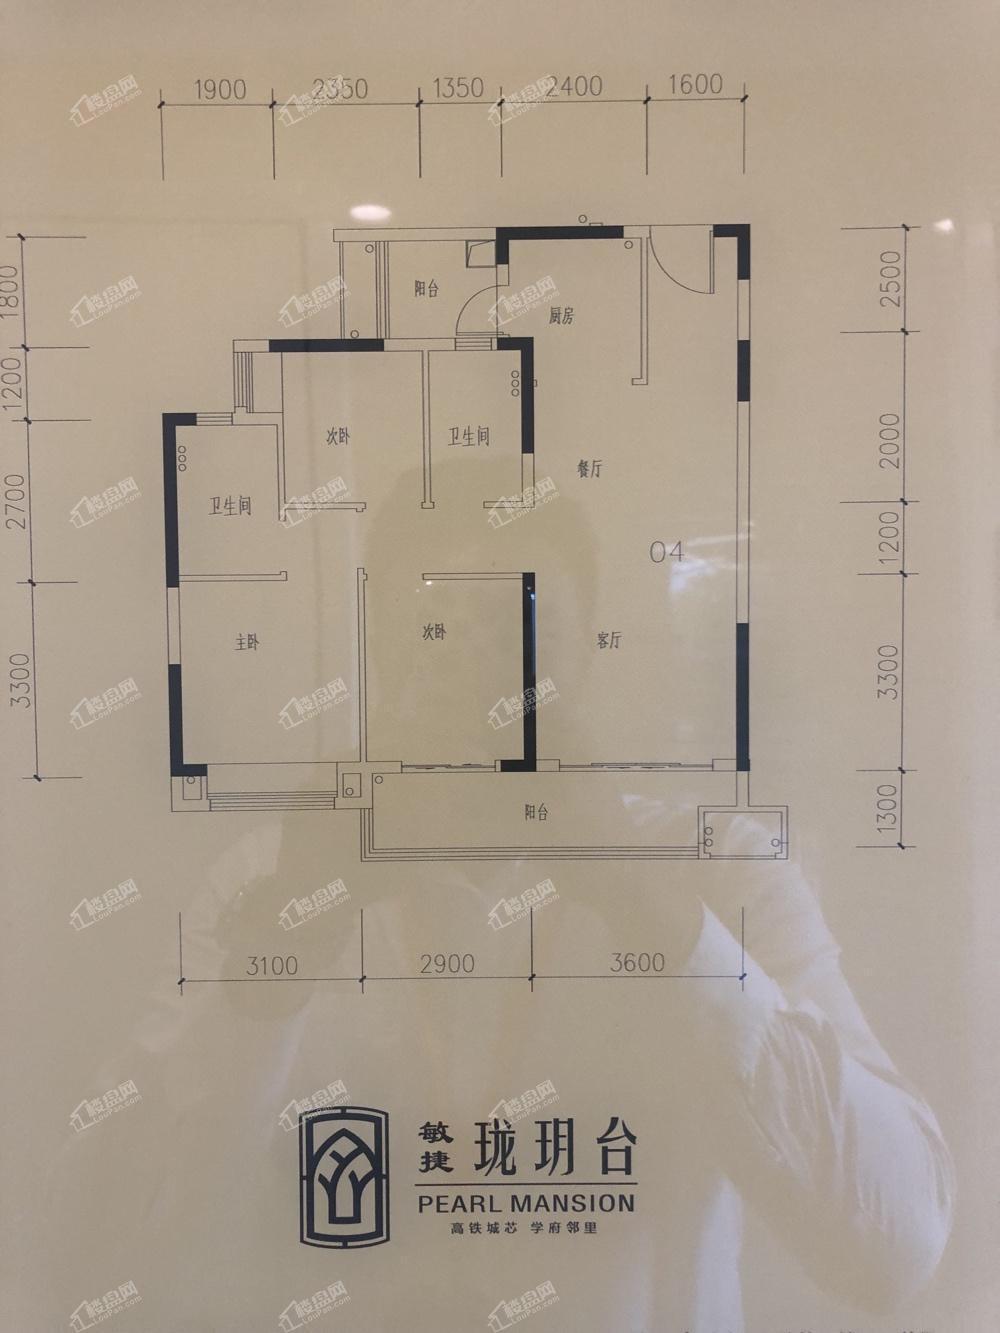 敏捷玥珑台 名校旁边 精装交房 总价低 户型超赞 中心位置